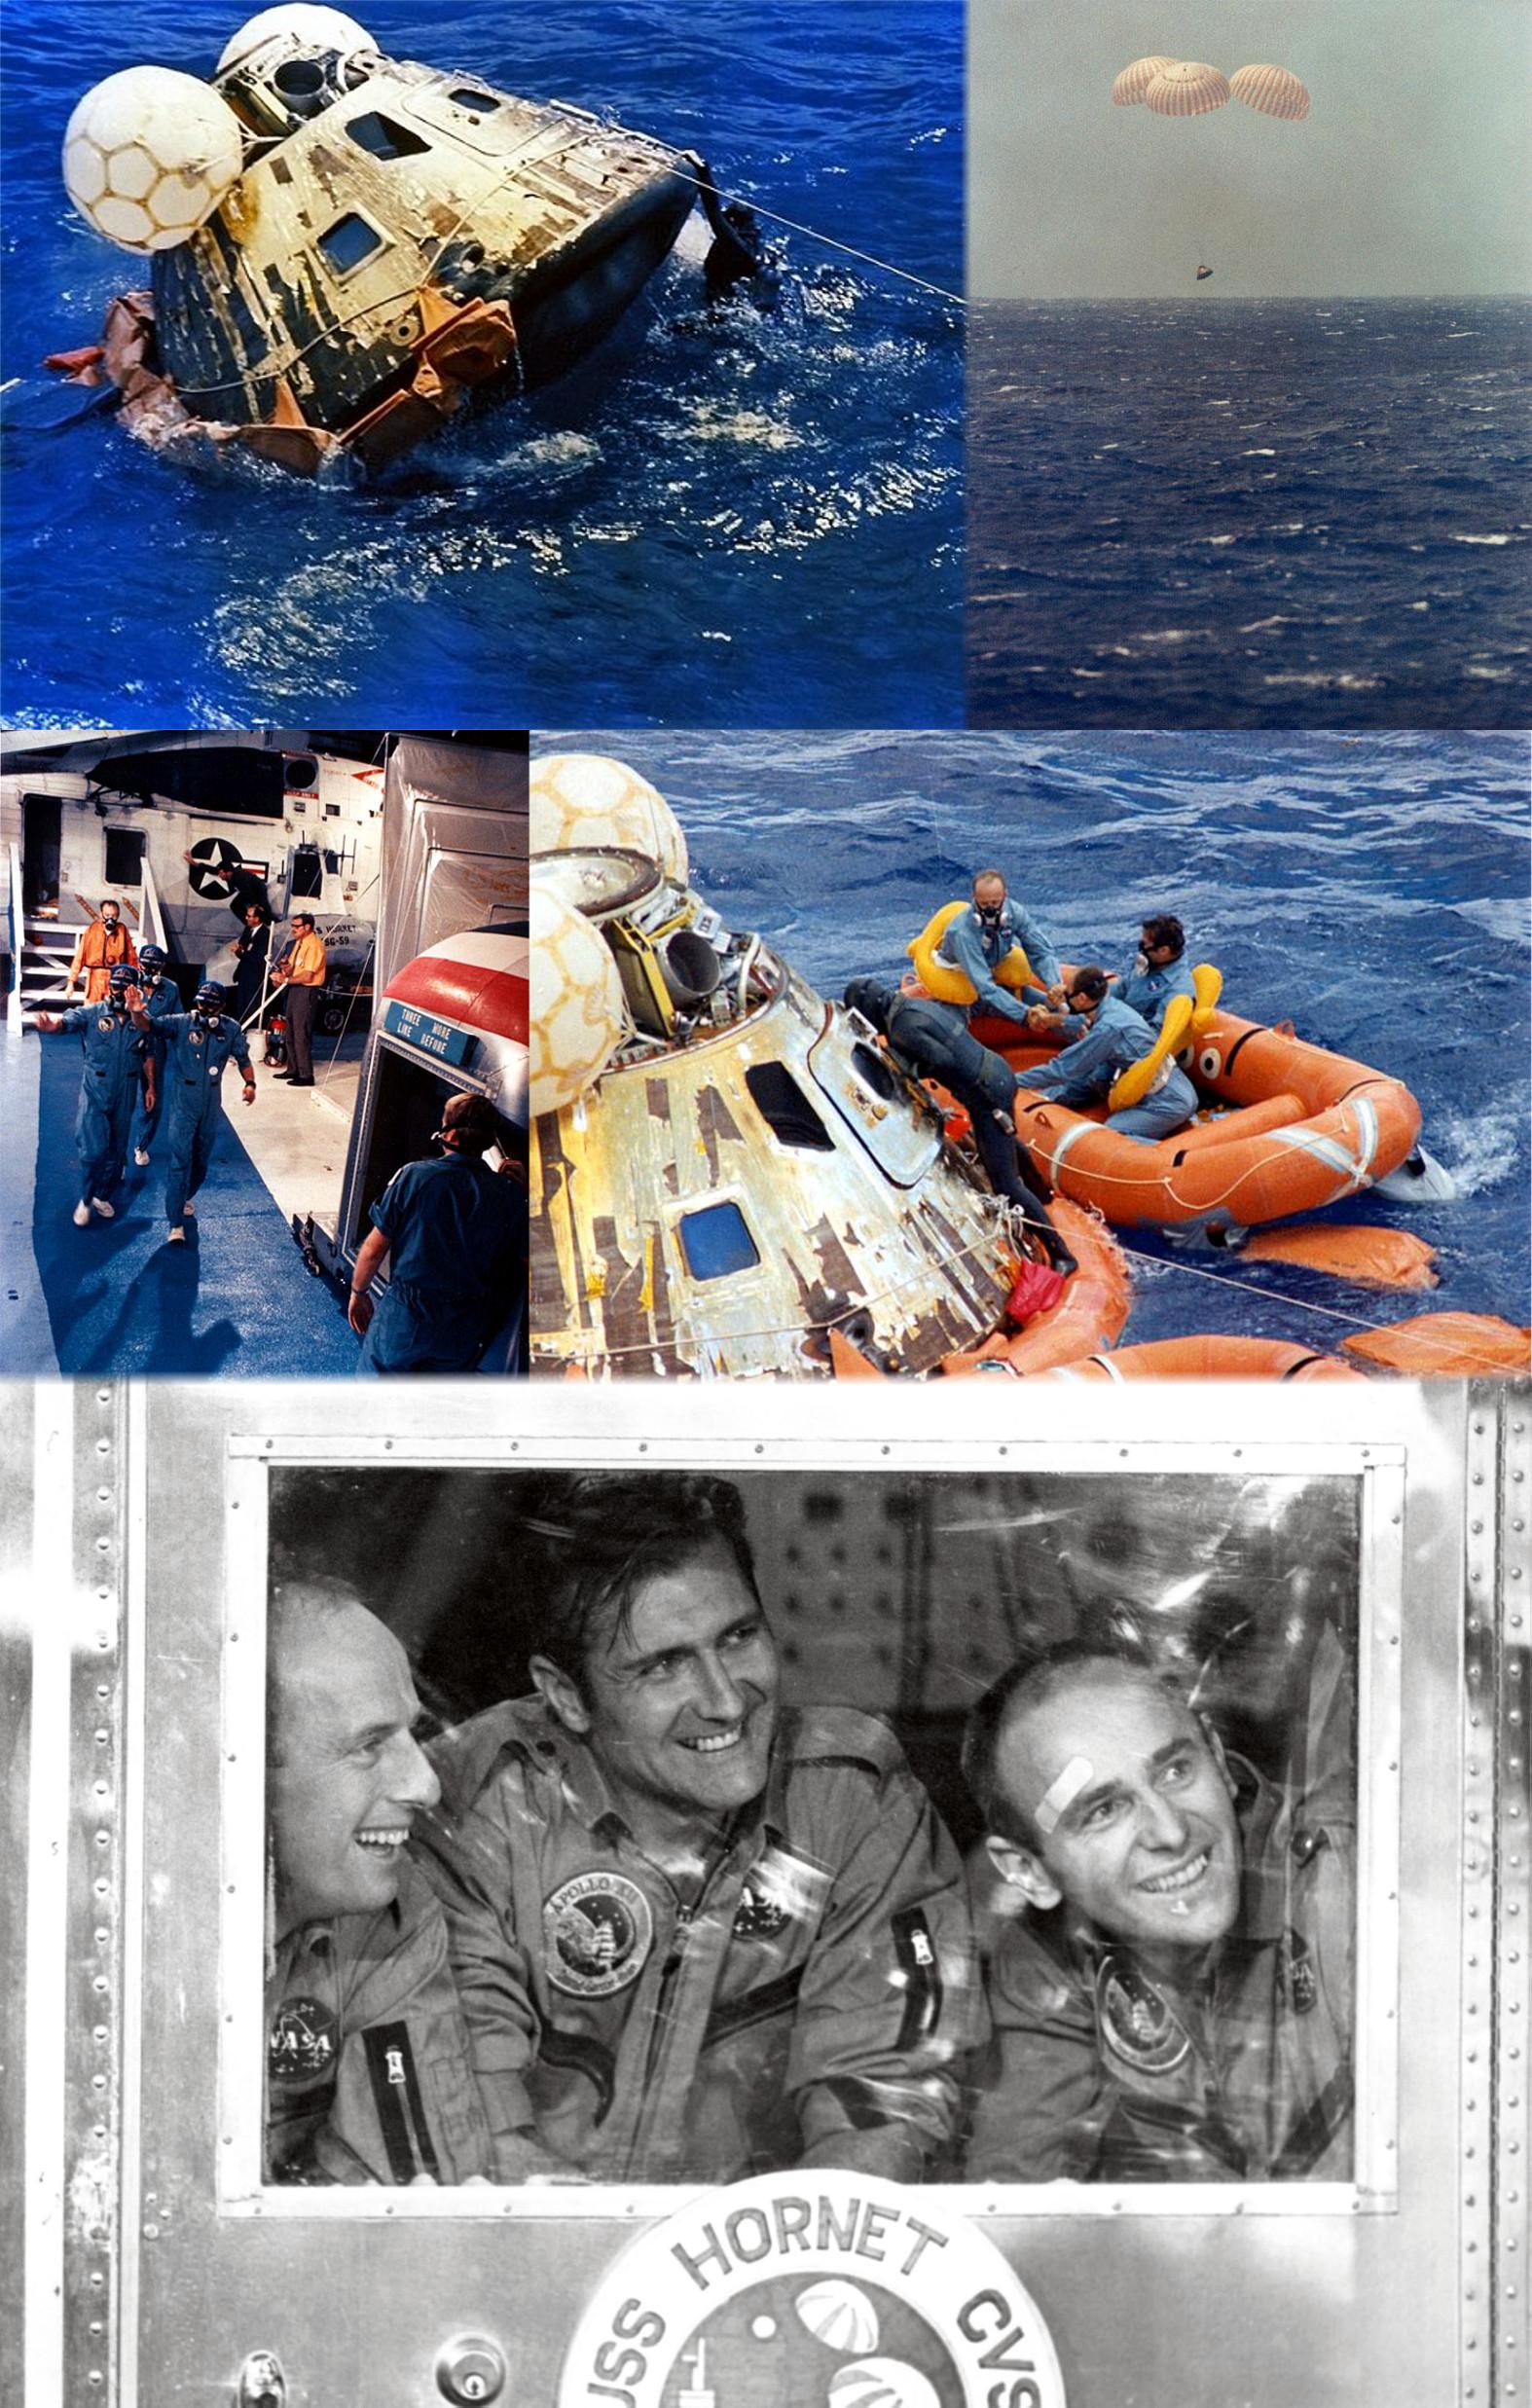 24. listopadu 1969 dosedla do Tichého oceánu velitelská sekce Apolla 12; následně byla vyzvednuta na loď Hornet. V okamžiku přistání byl Al Bean v bezvědomí, protože byl zasažen padající 16mm kamerou, která se uvolnila z přihrádky a dopadla nad jeho pravé oko. Po vyzvednutí byla posádka přemístěna do karantény. Posádka Apolla 12 přivezla na Zemi 34 kg měsíčních hornin. Mise stála 2,4 miliard dolarů (při přepočtu na rok 2015)